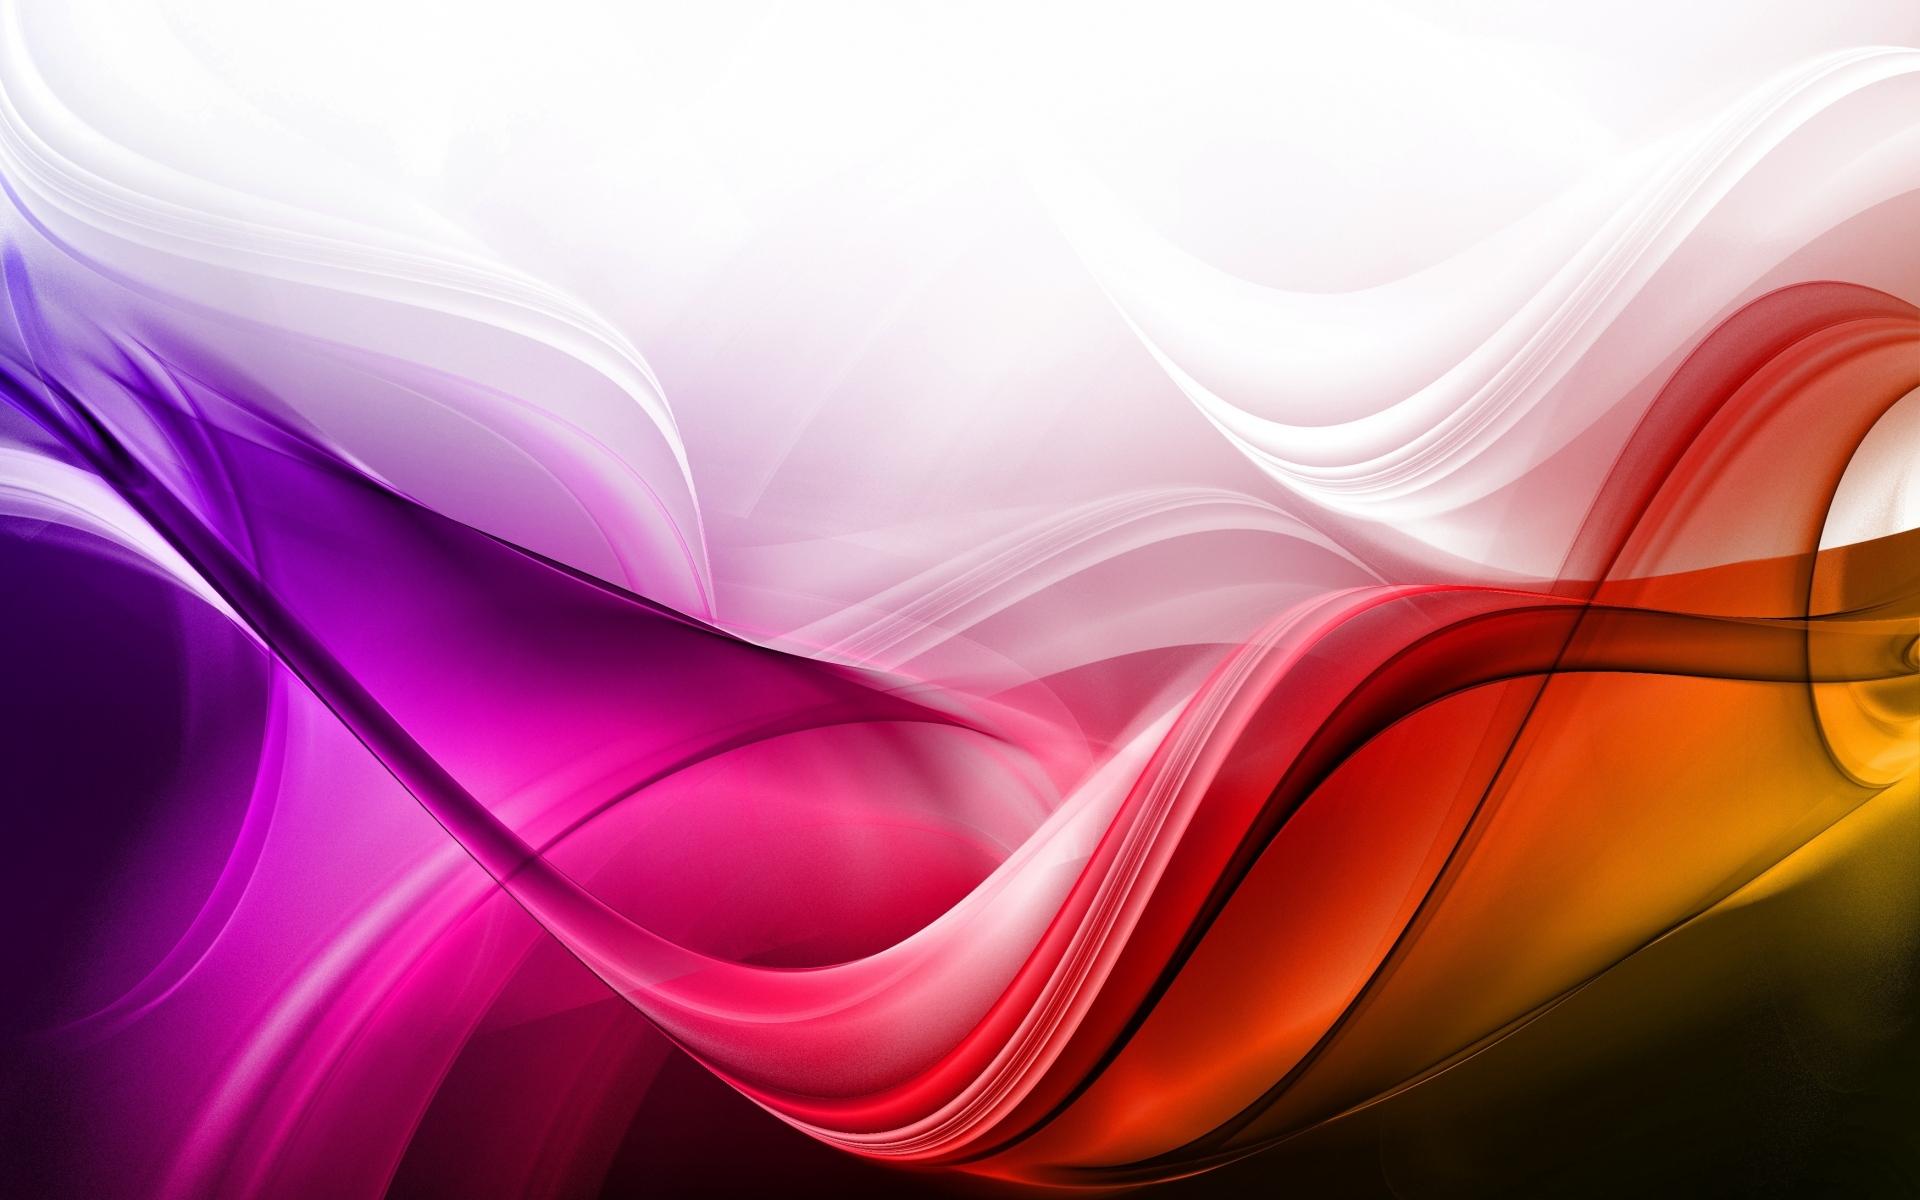 Картинки Волны, фон, красочные, линии фото и обои на рабочий стол